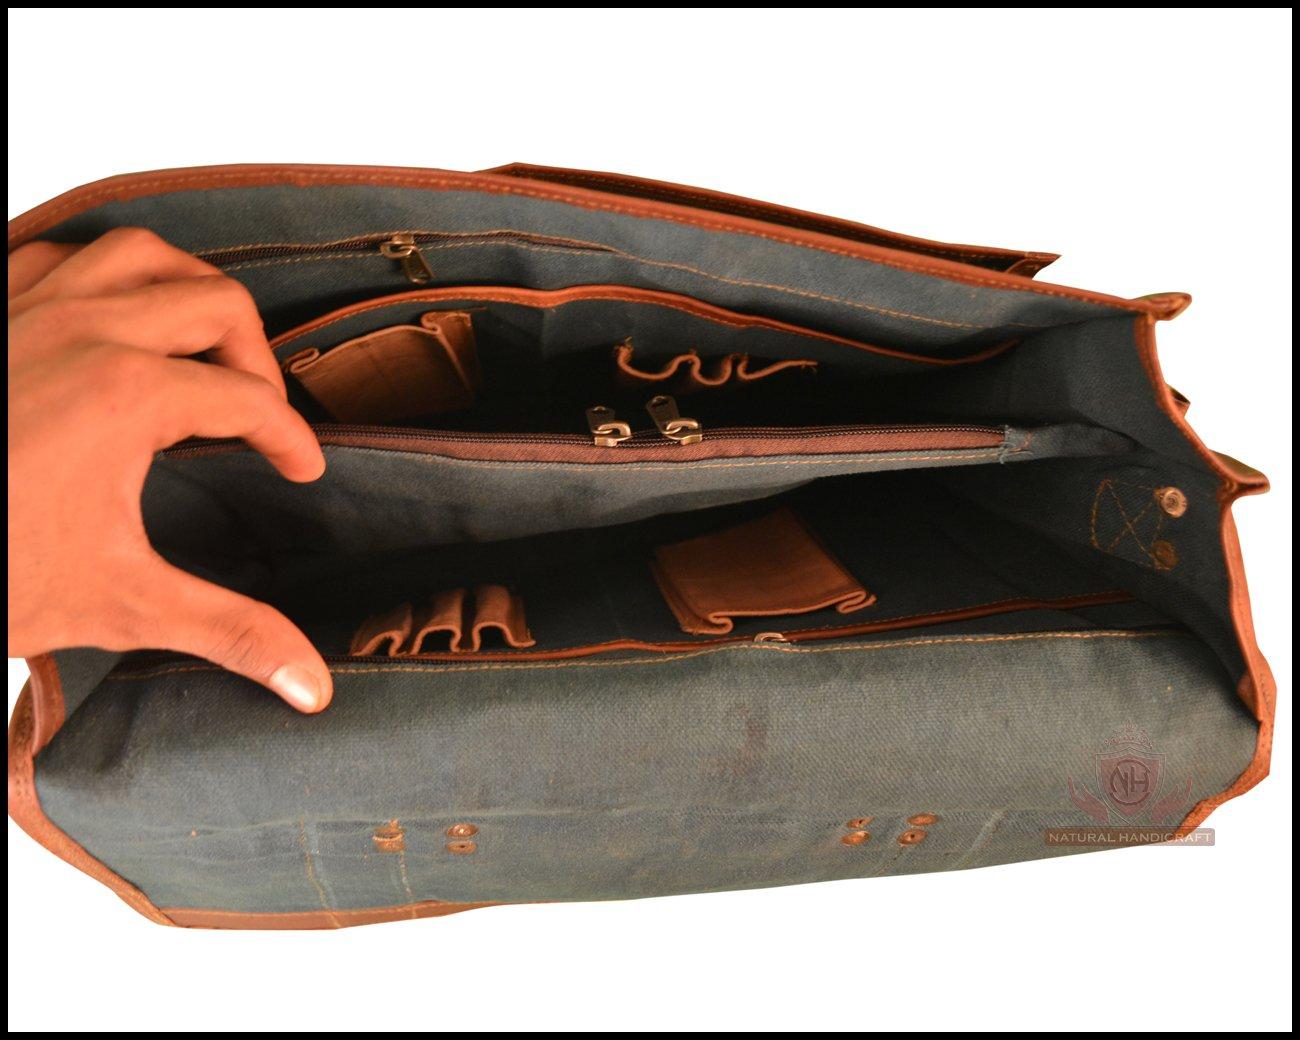 Laptop Messenger Satchel Shoulder Bag Briefcase Handmade Vintage Brown Leather Office Bag Crossbody College Bag 20 Inches